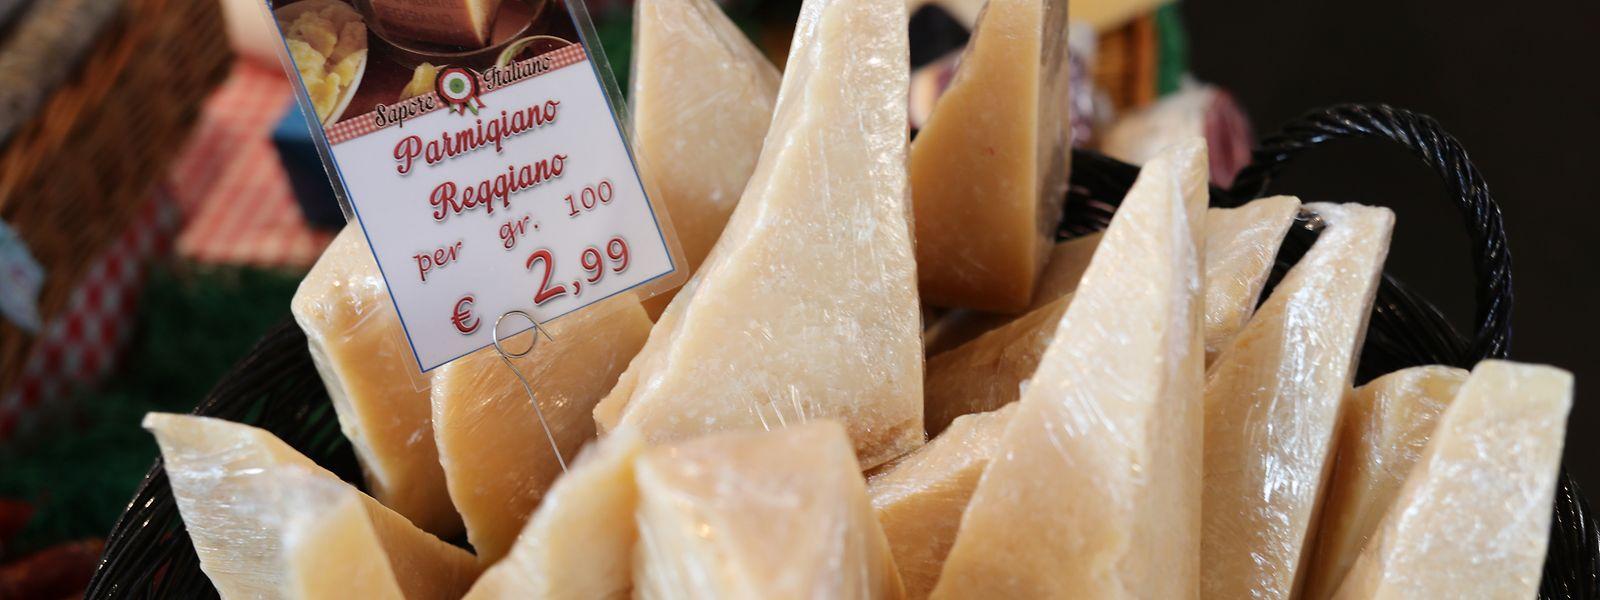 ARCHIV - 11.11.2016, Hamburg: Stücke von Parmesan (Parmigiano Reggiano) werden an einem Stand auf dem Food-Festival eat&STYLE angeboten. Die US-Regierung wird wegen der rechtswidrigen EU-Subventionen für den Flugzeugbauer Airbus Strafzölle in Milliardenhöhe auf Importe aus der Europäischen Union verhängen. Ab 18. Oktober wird bei der Einfuhr von Flugzeugen eine zusätzliche Abgabe von 10 Prozent erhoben werden, bei zahlreichen anderen Produkten wird es ein Strafzoll von 25 Prozent sein, wie ein ranghoher Beamter des US-Handelsbeauftragten am Mittwoch erklärte. Foto: Christian Charisius/dpa +++ dpa-Bildfunk +++